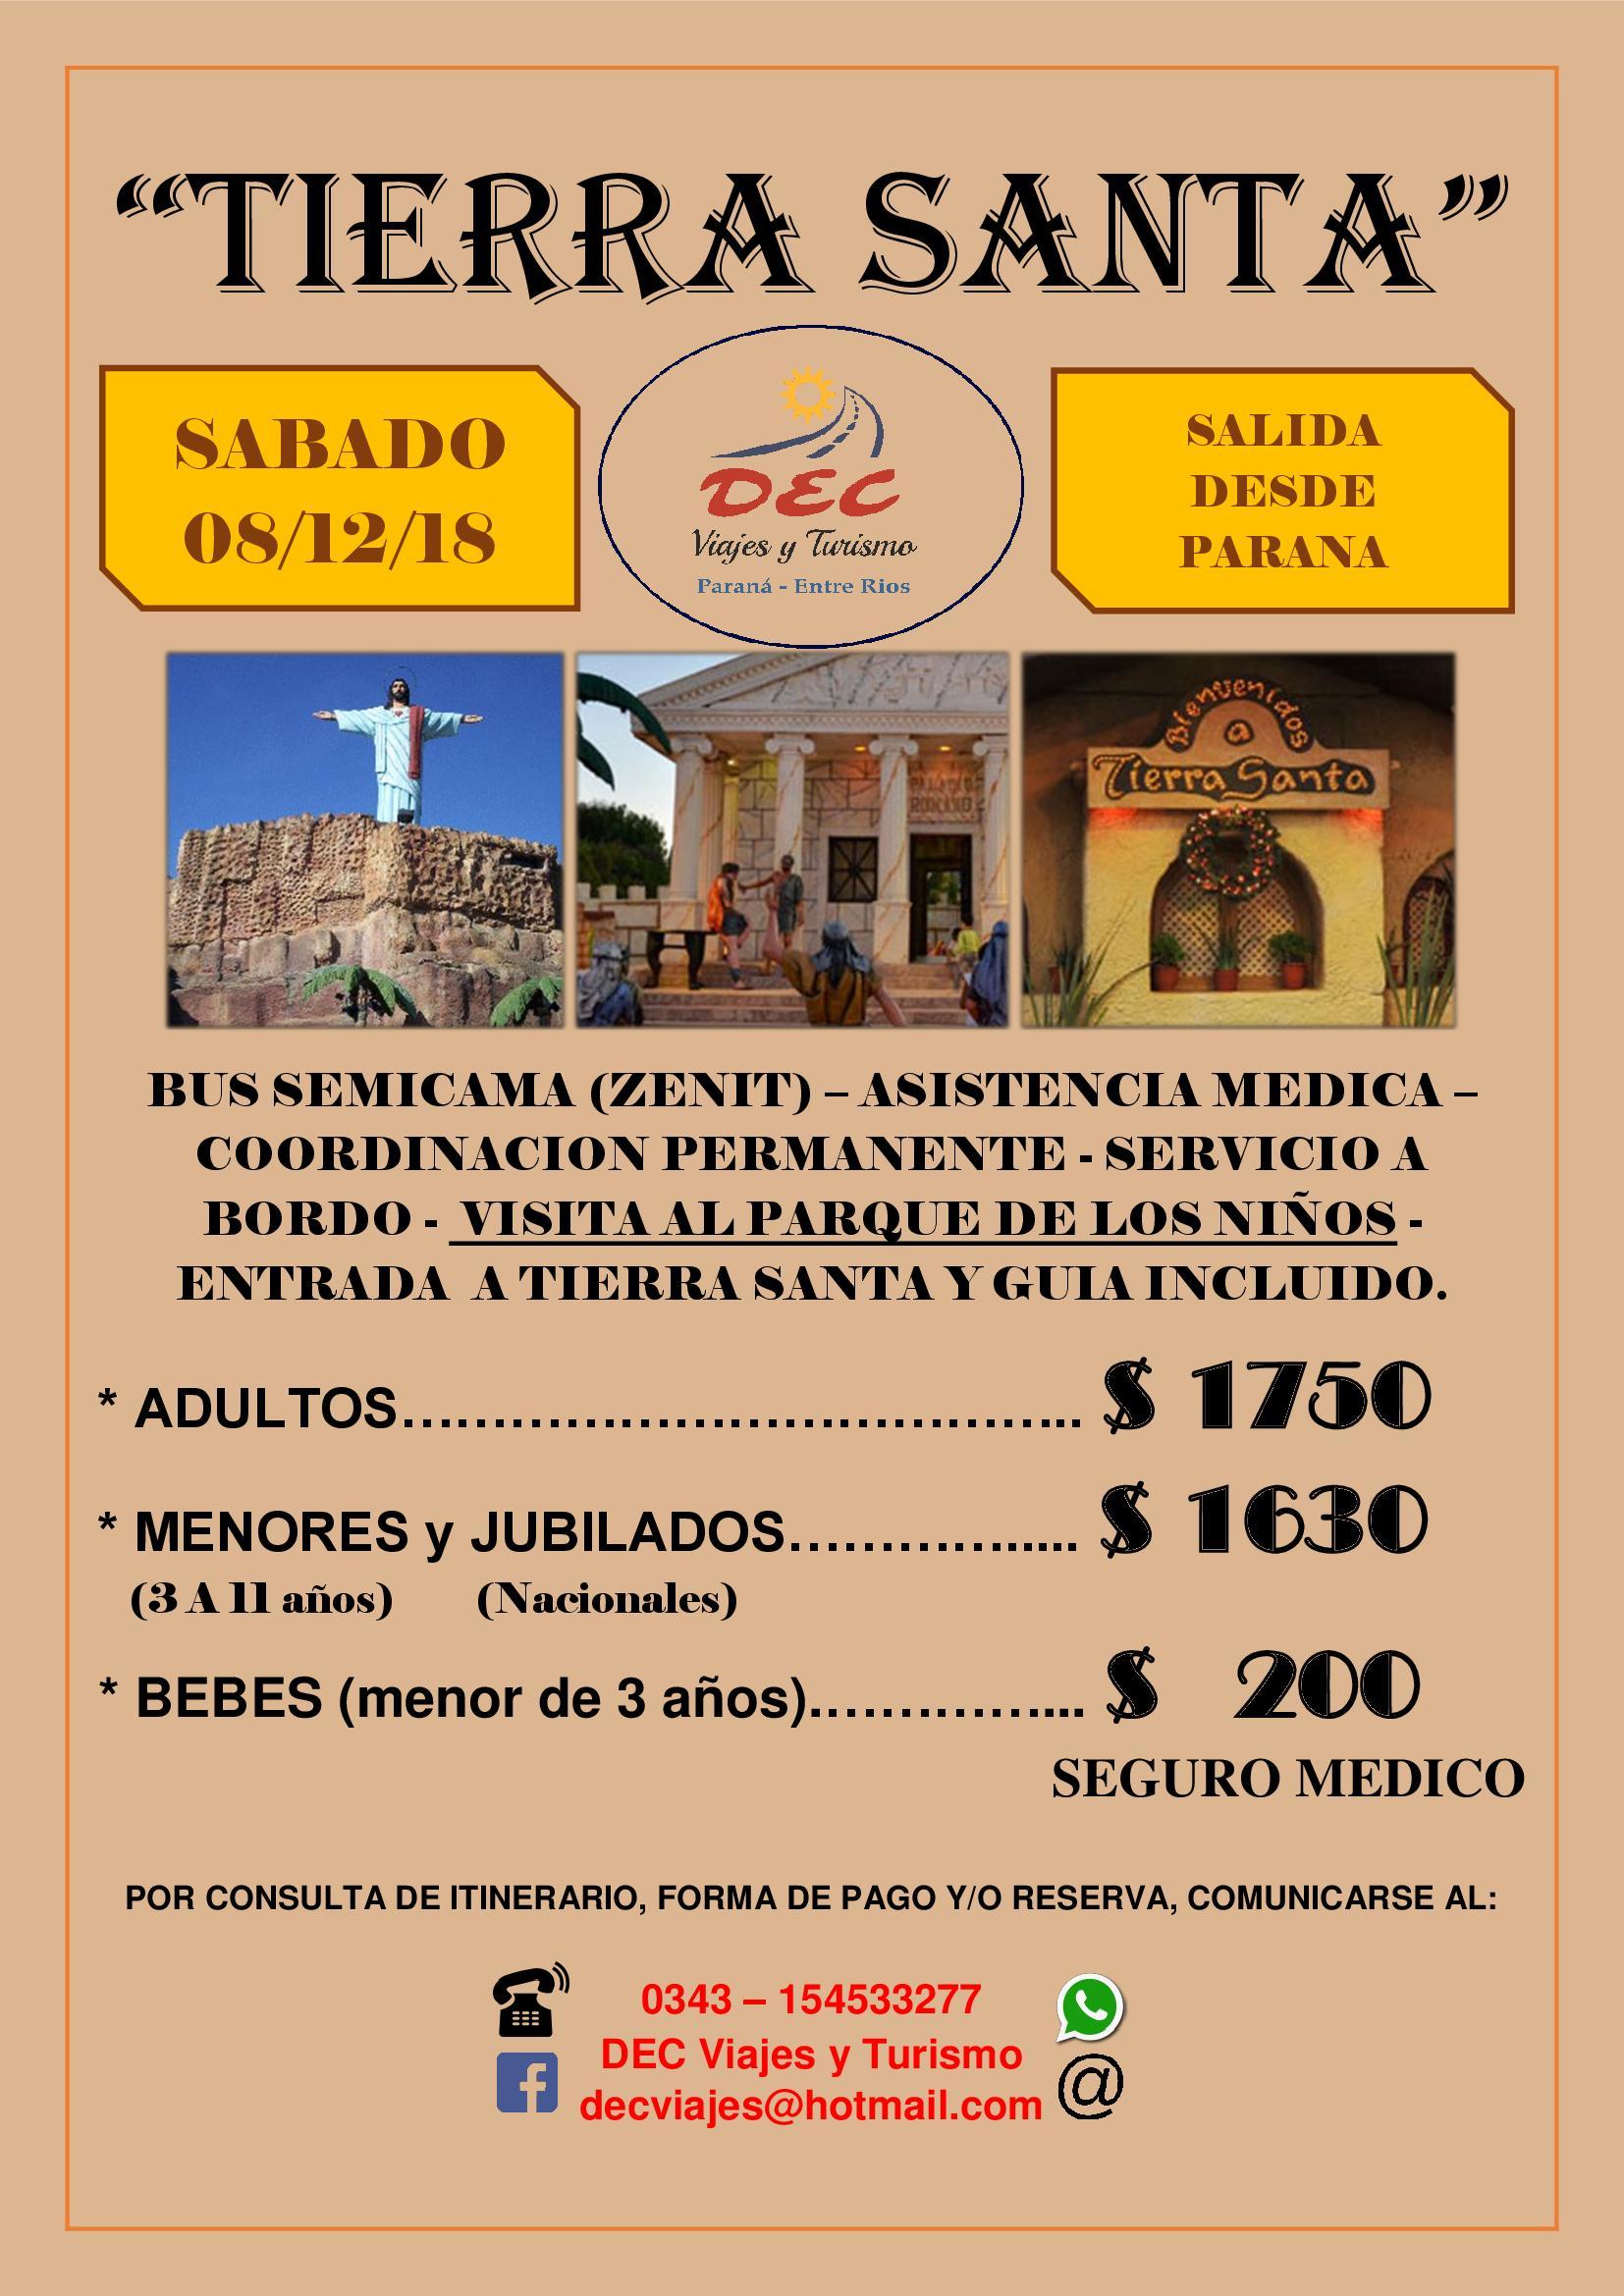 TEMAIKEN / TIERRA SANTA / PARQUE DE LA COSTA